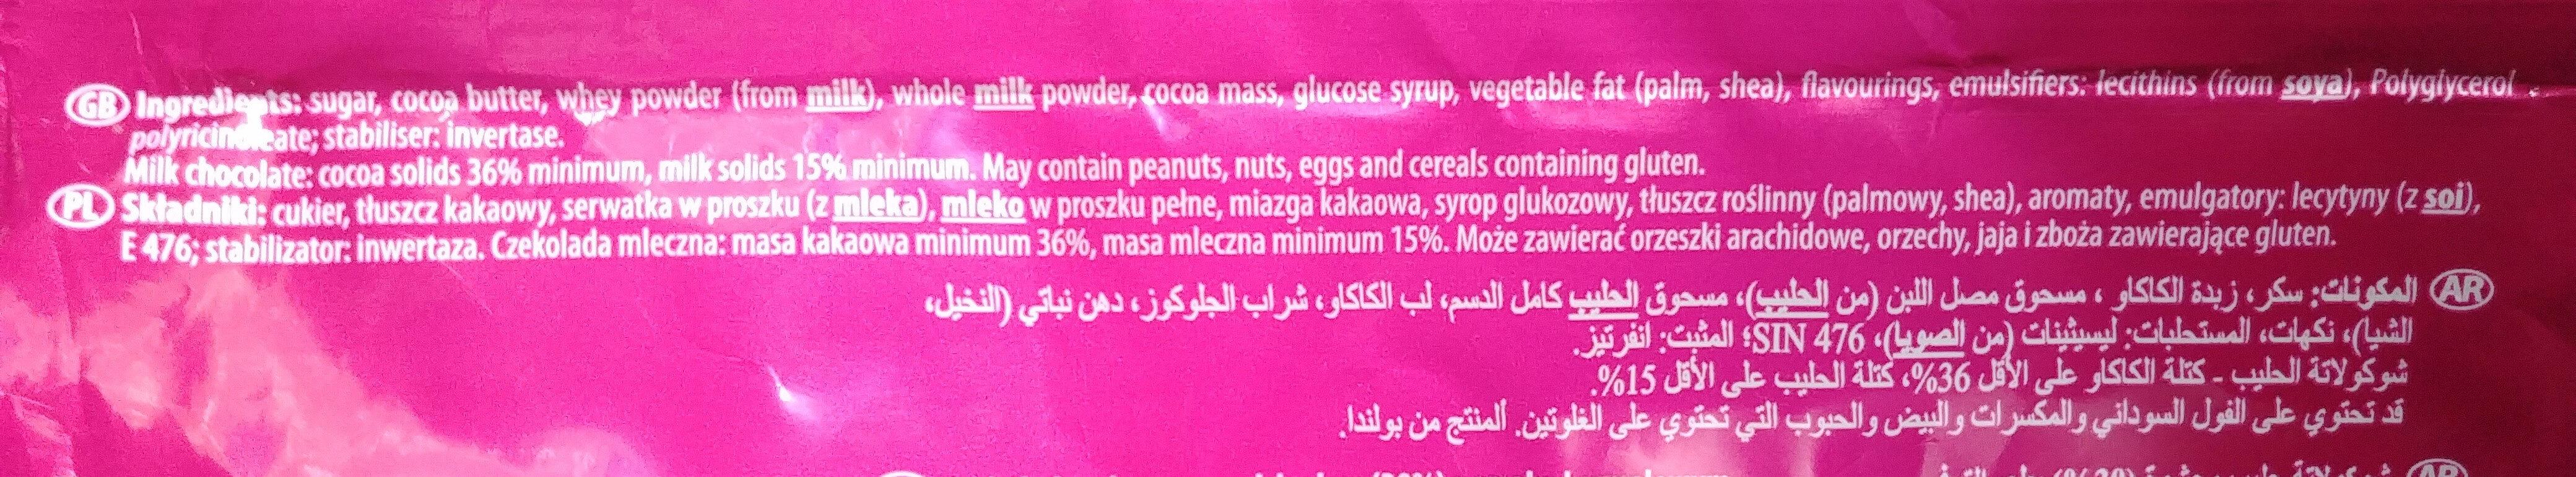 Czekolada mleczna z nadzieniem o smaku karmelowym - Składniki - pl